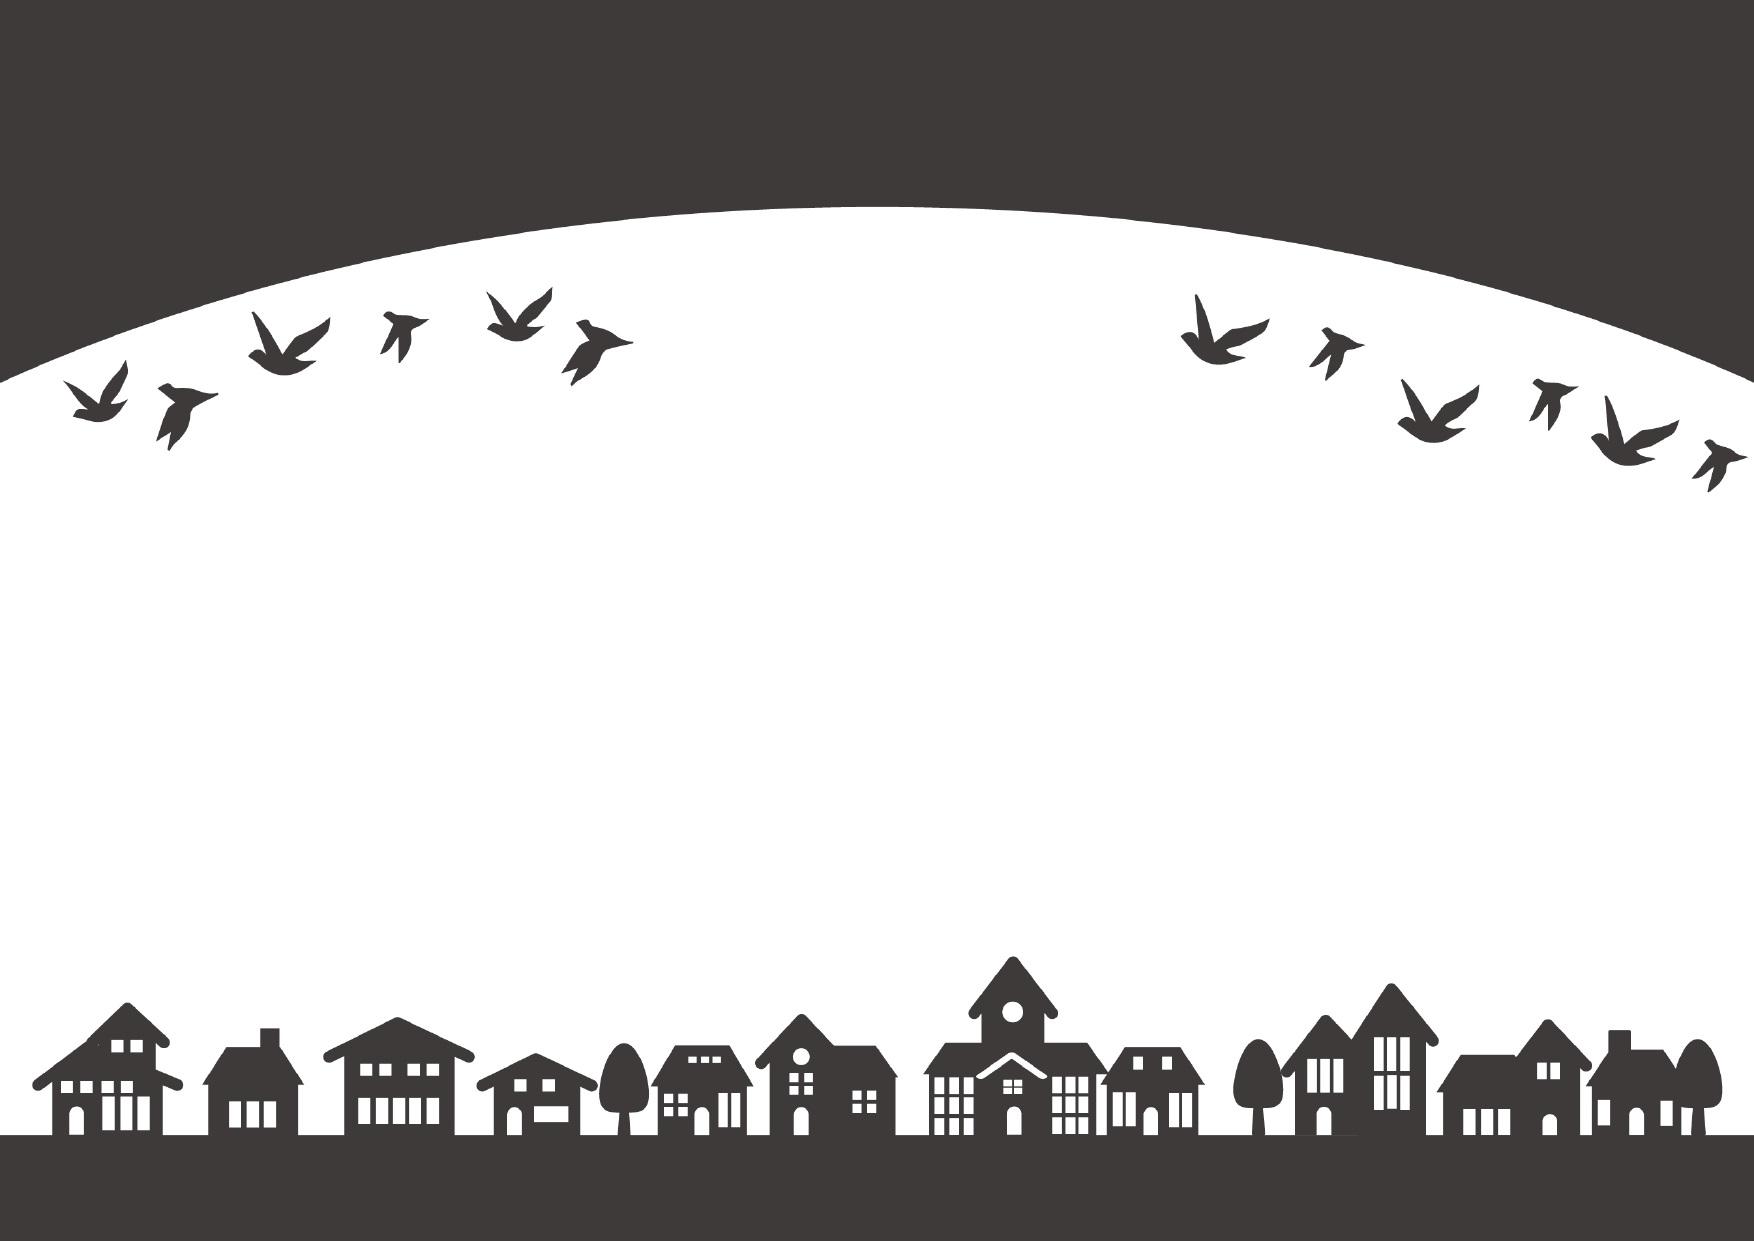 シルエット・モノクロ(白黒)と鳥と街並み飾り枠